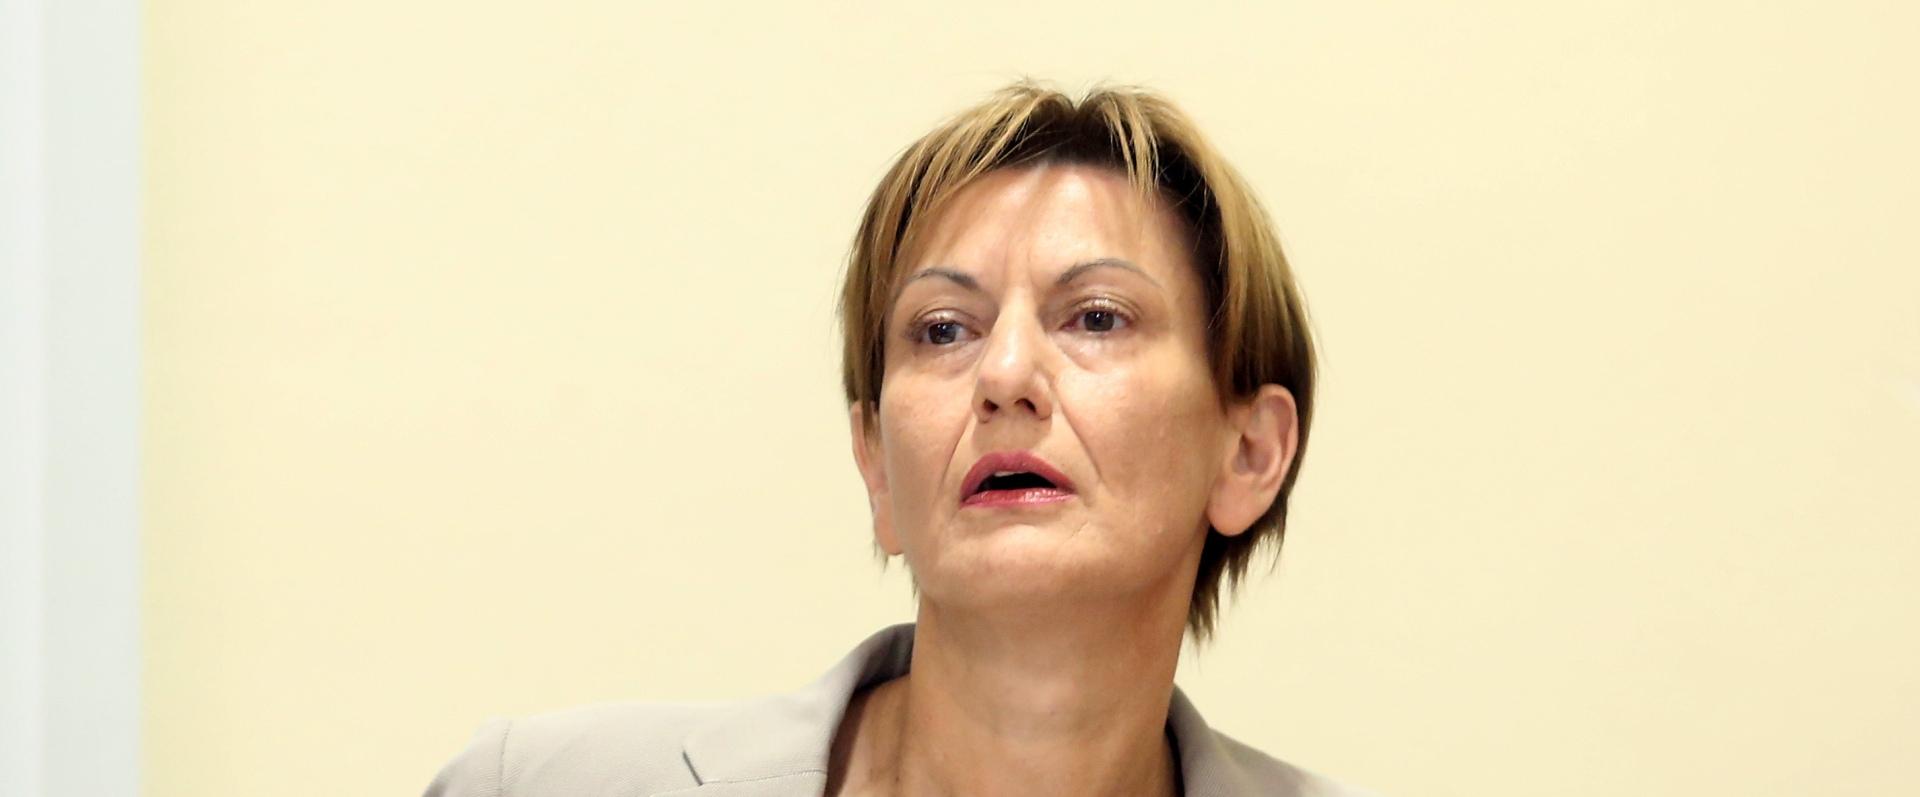 NAKON ODLASKA IZ HDZ-a: Martina Dalić napušta i Sabor